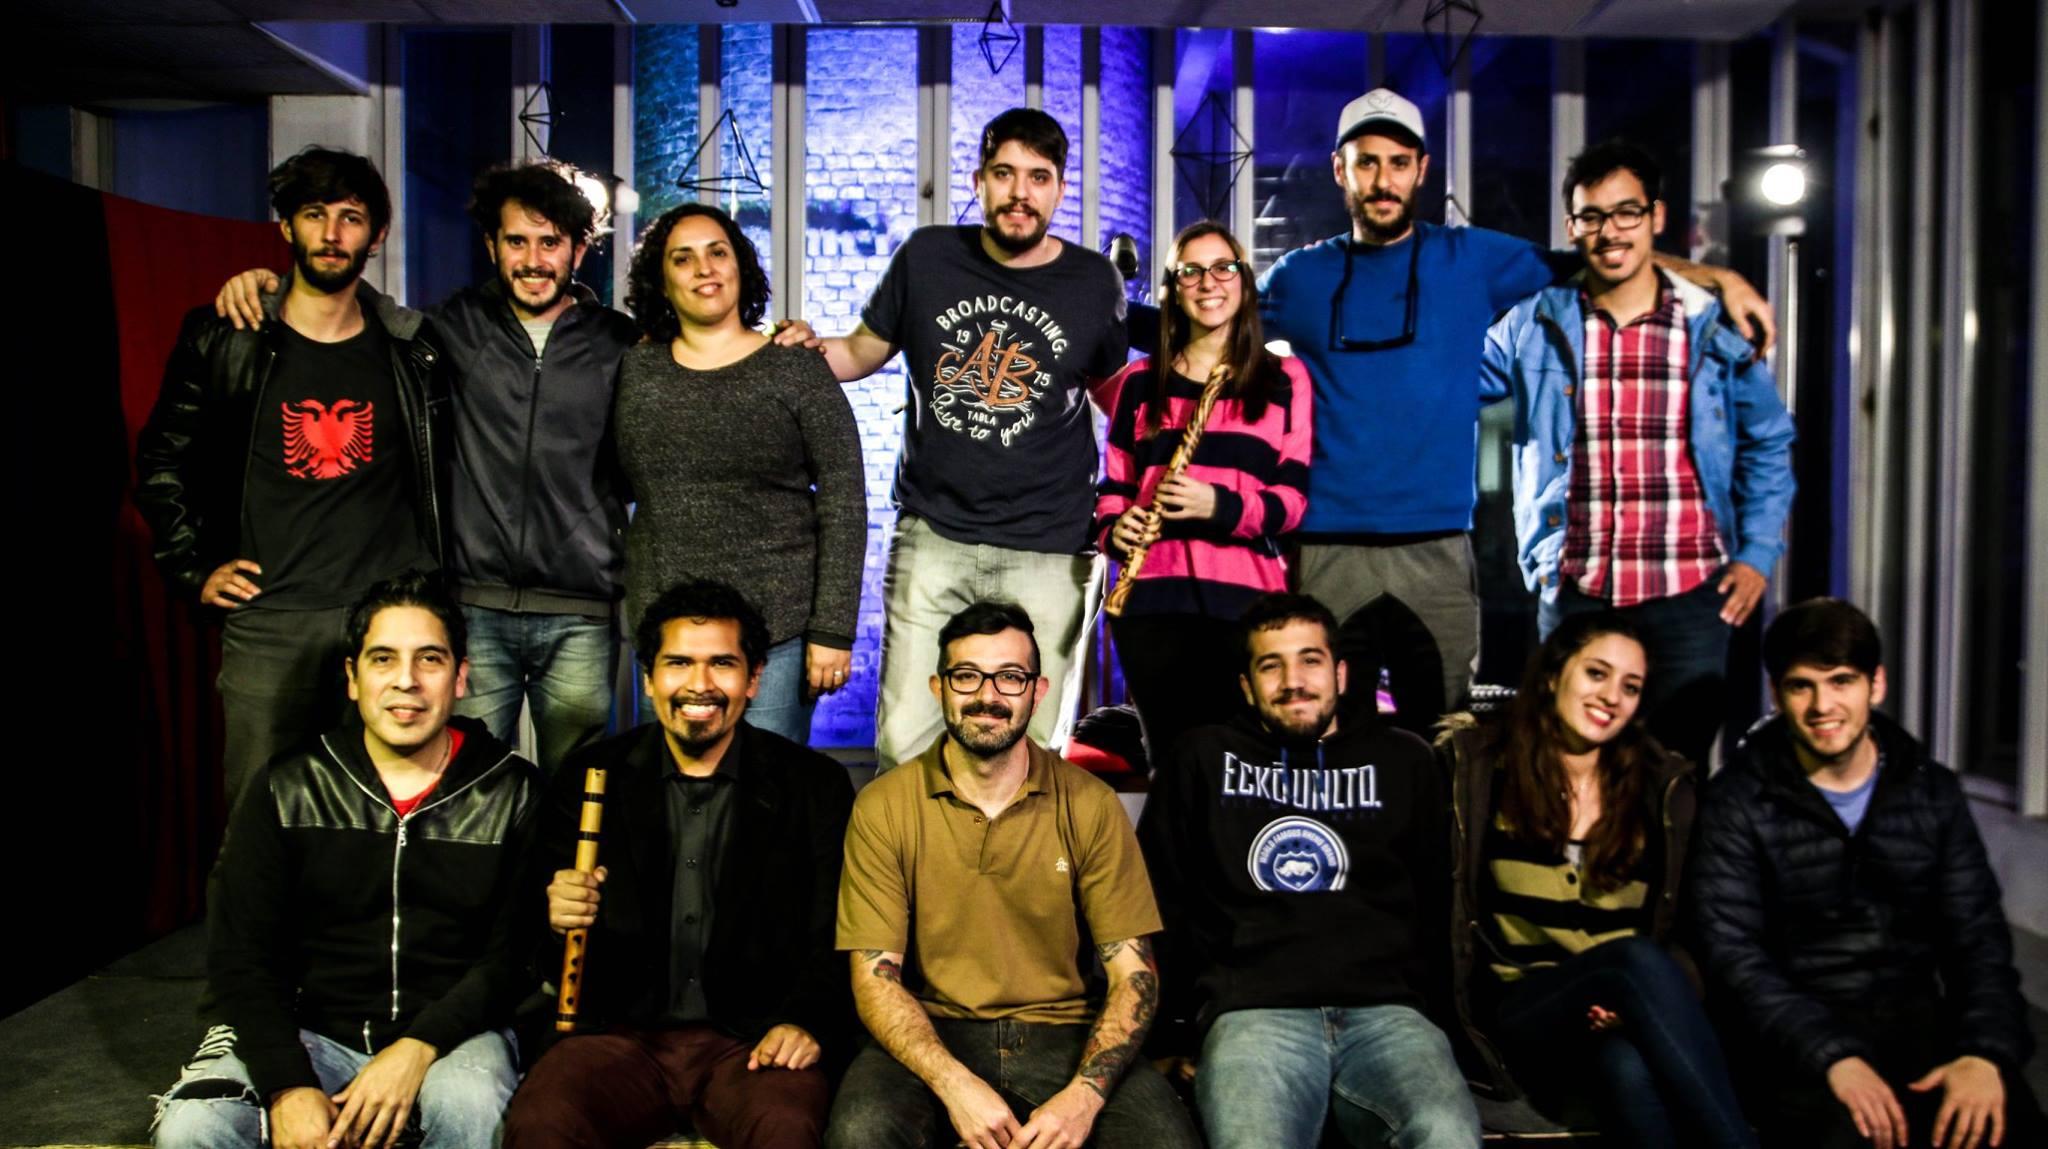 La Chimenea 2 - Ciclo de música y audiovisual